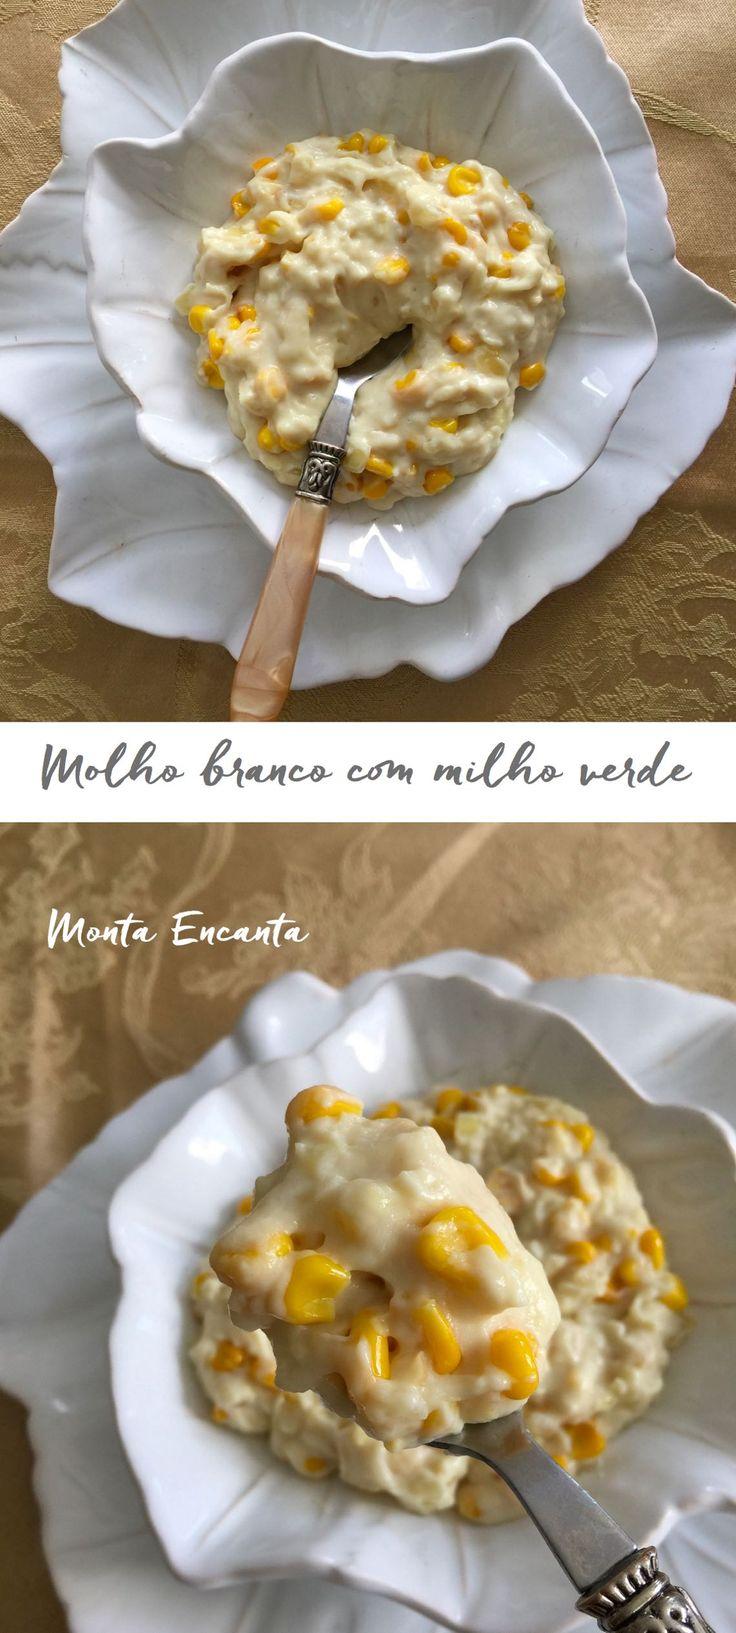 Molho Branco com Milho Verde. Nada mais, nada menos que um delicioso e bem feito Molho Bèchamel branco de cebola com manteiga, misturado a grãos de milho verde ainda inteiros …